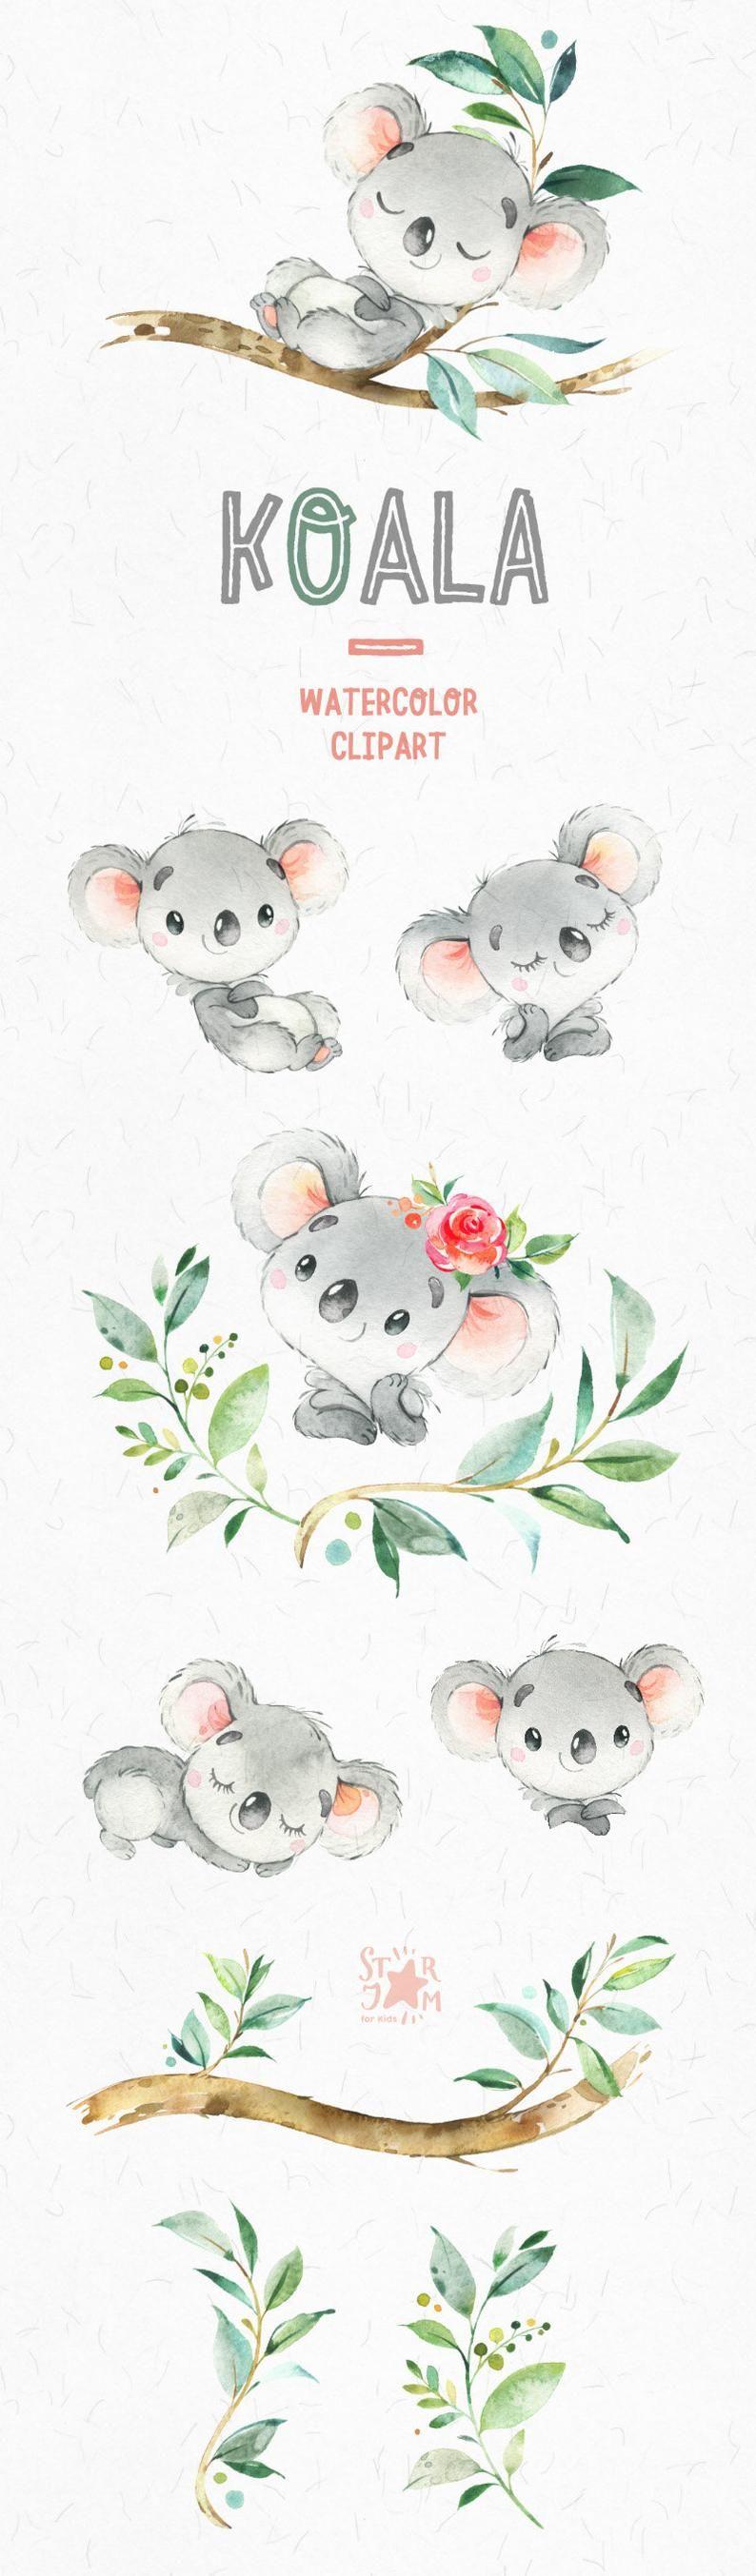 Koala. Little animals watercolor clipart Australia koala | Etsy